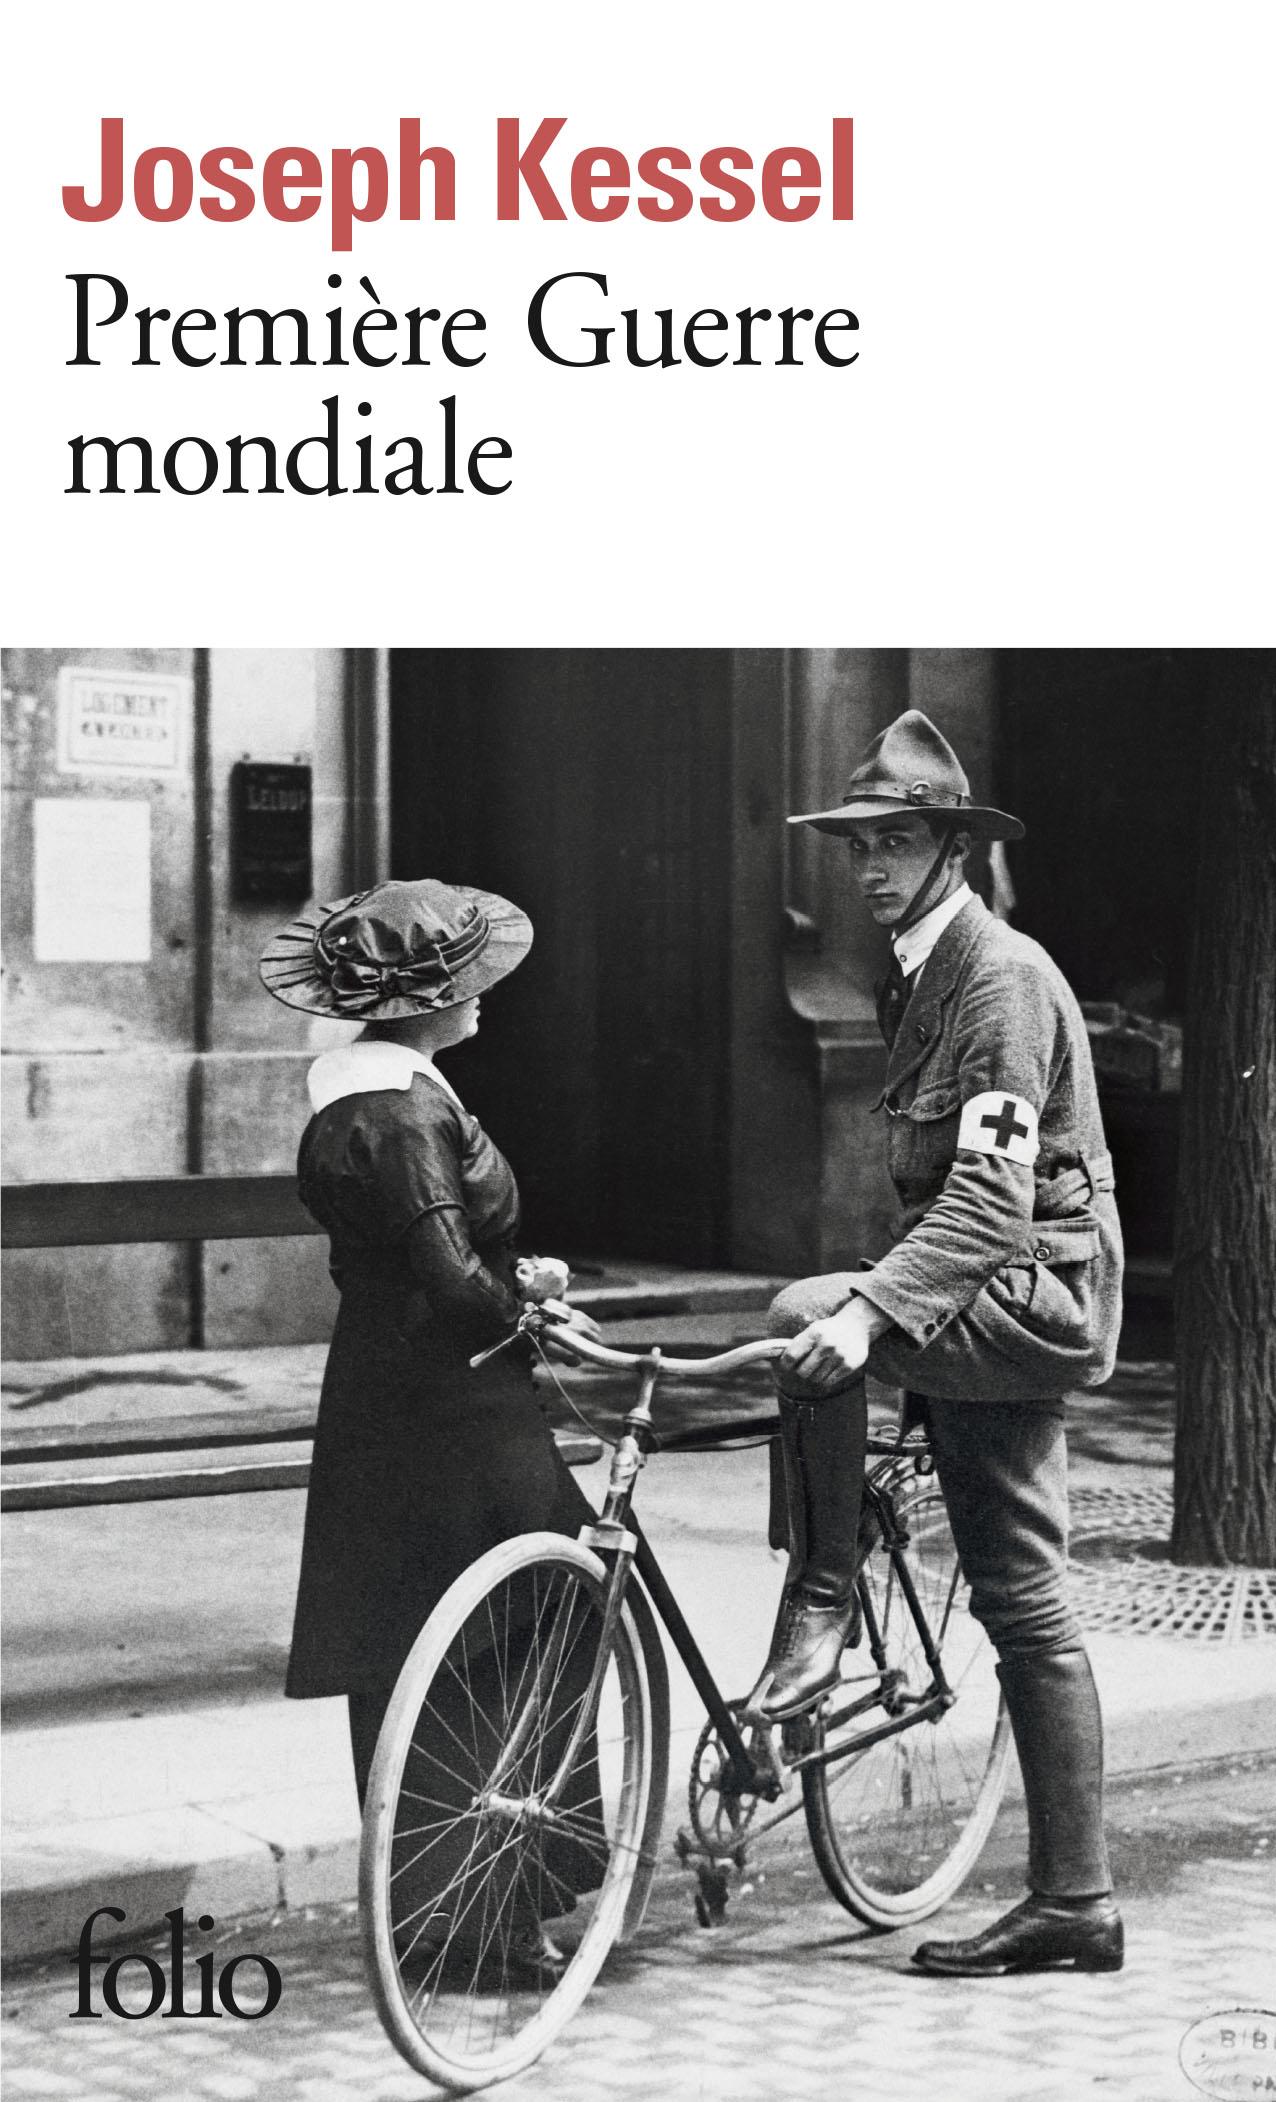 J. Kessel, Première Guerre mondiale